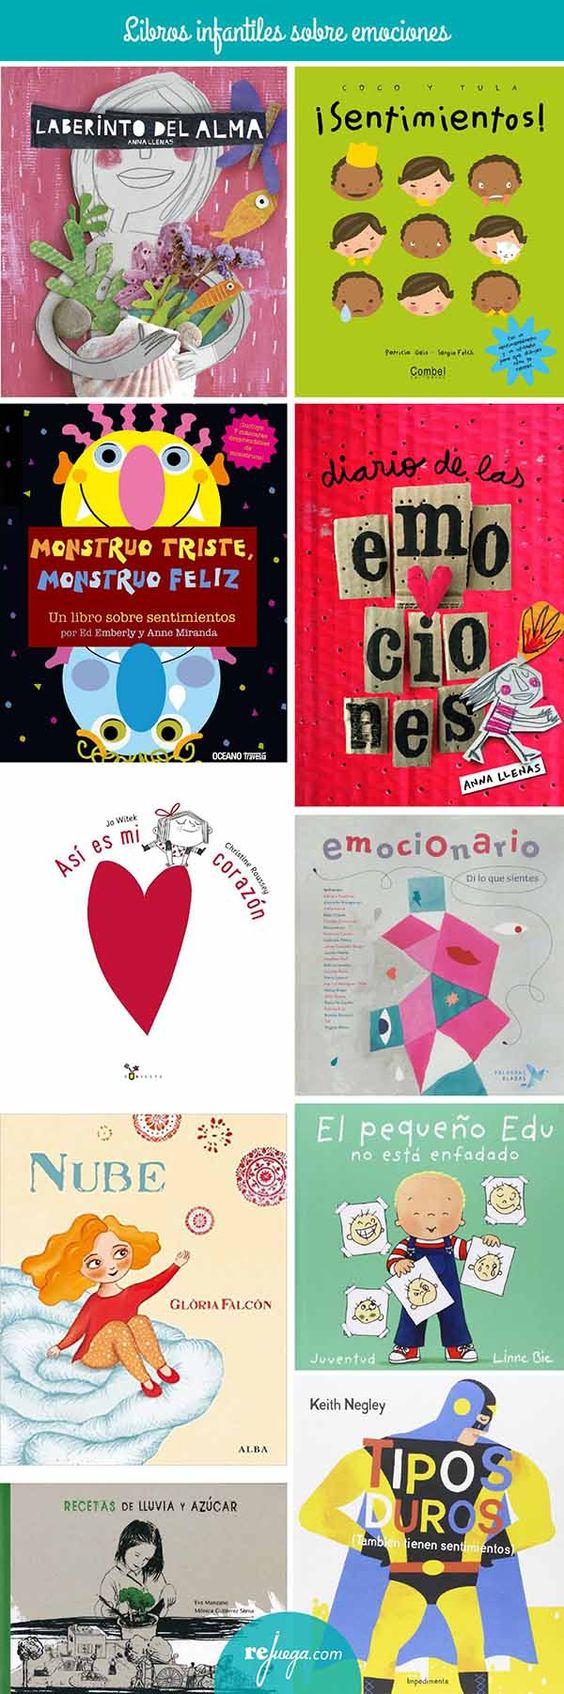 50 cuentos para trabajar las emociones con los niños: